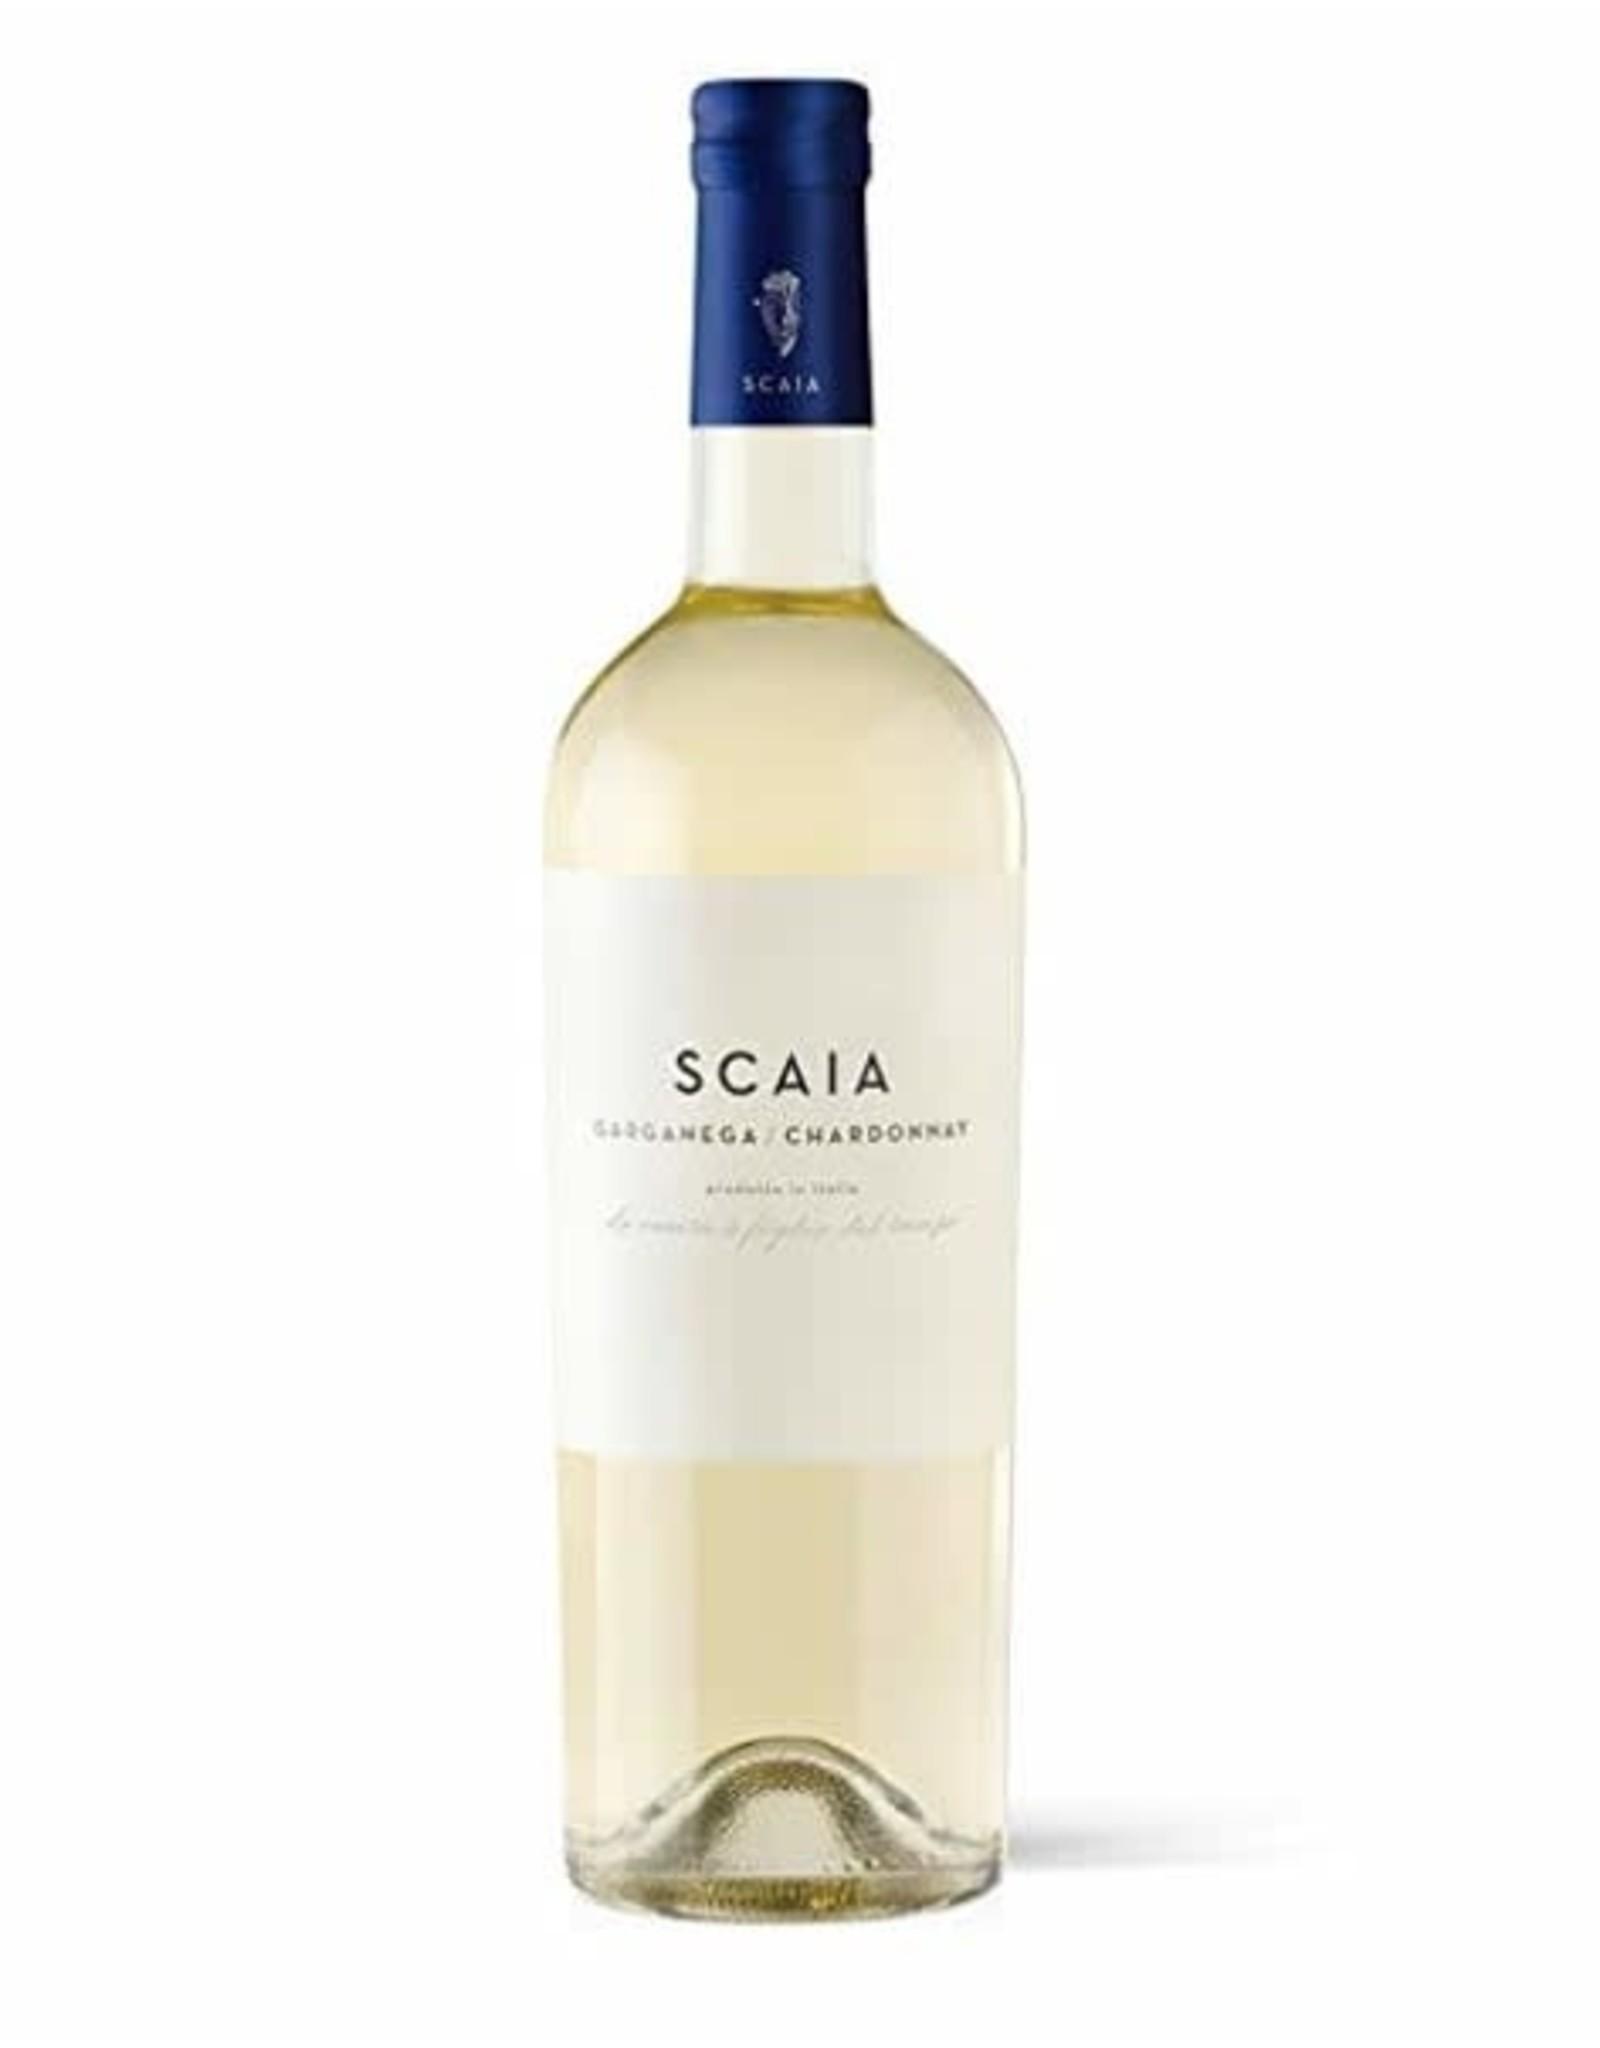 Scaia Scaia Garganega / Chardonnay, Trevenezie 2019